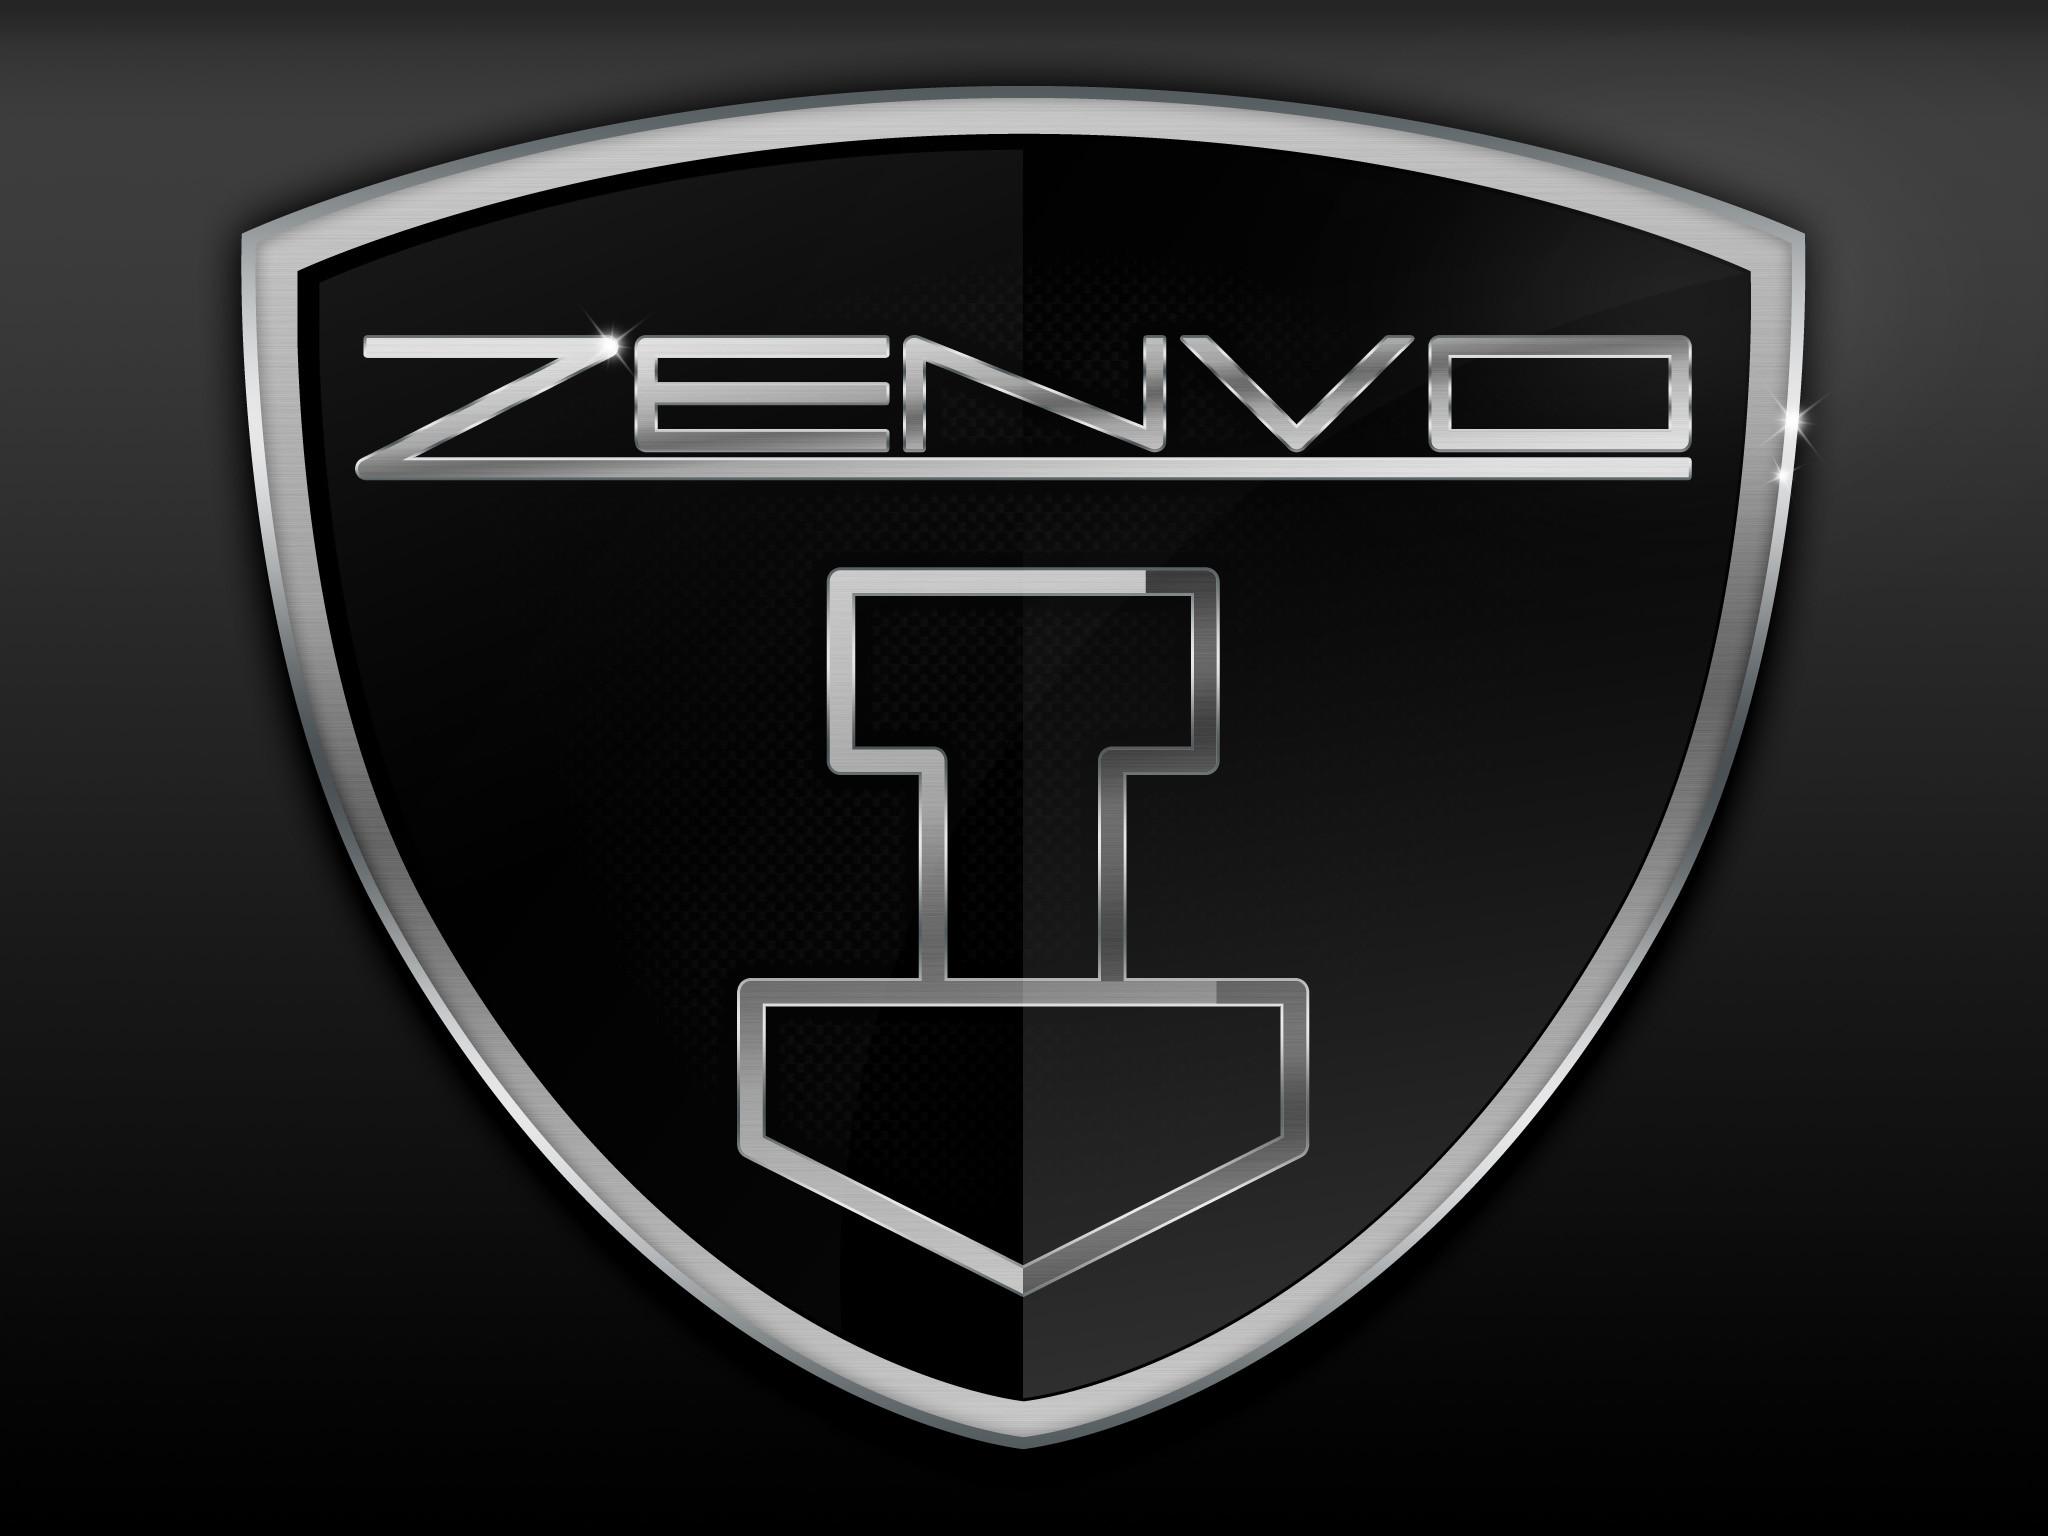 ZENVO logo hd – Google Search